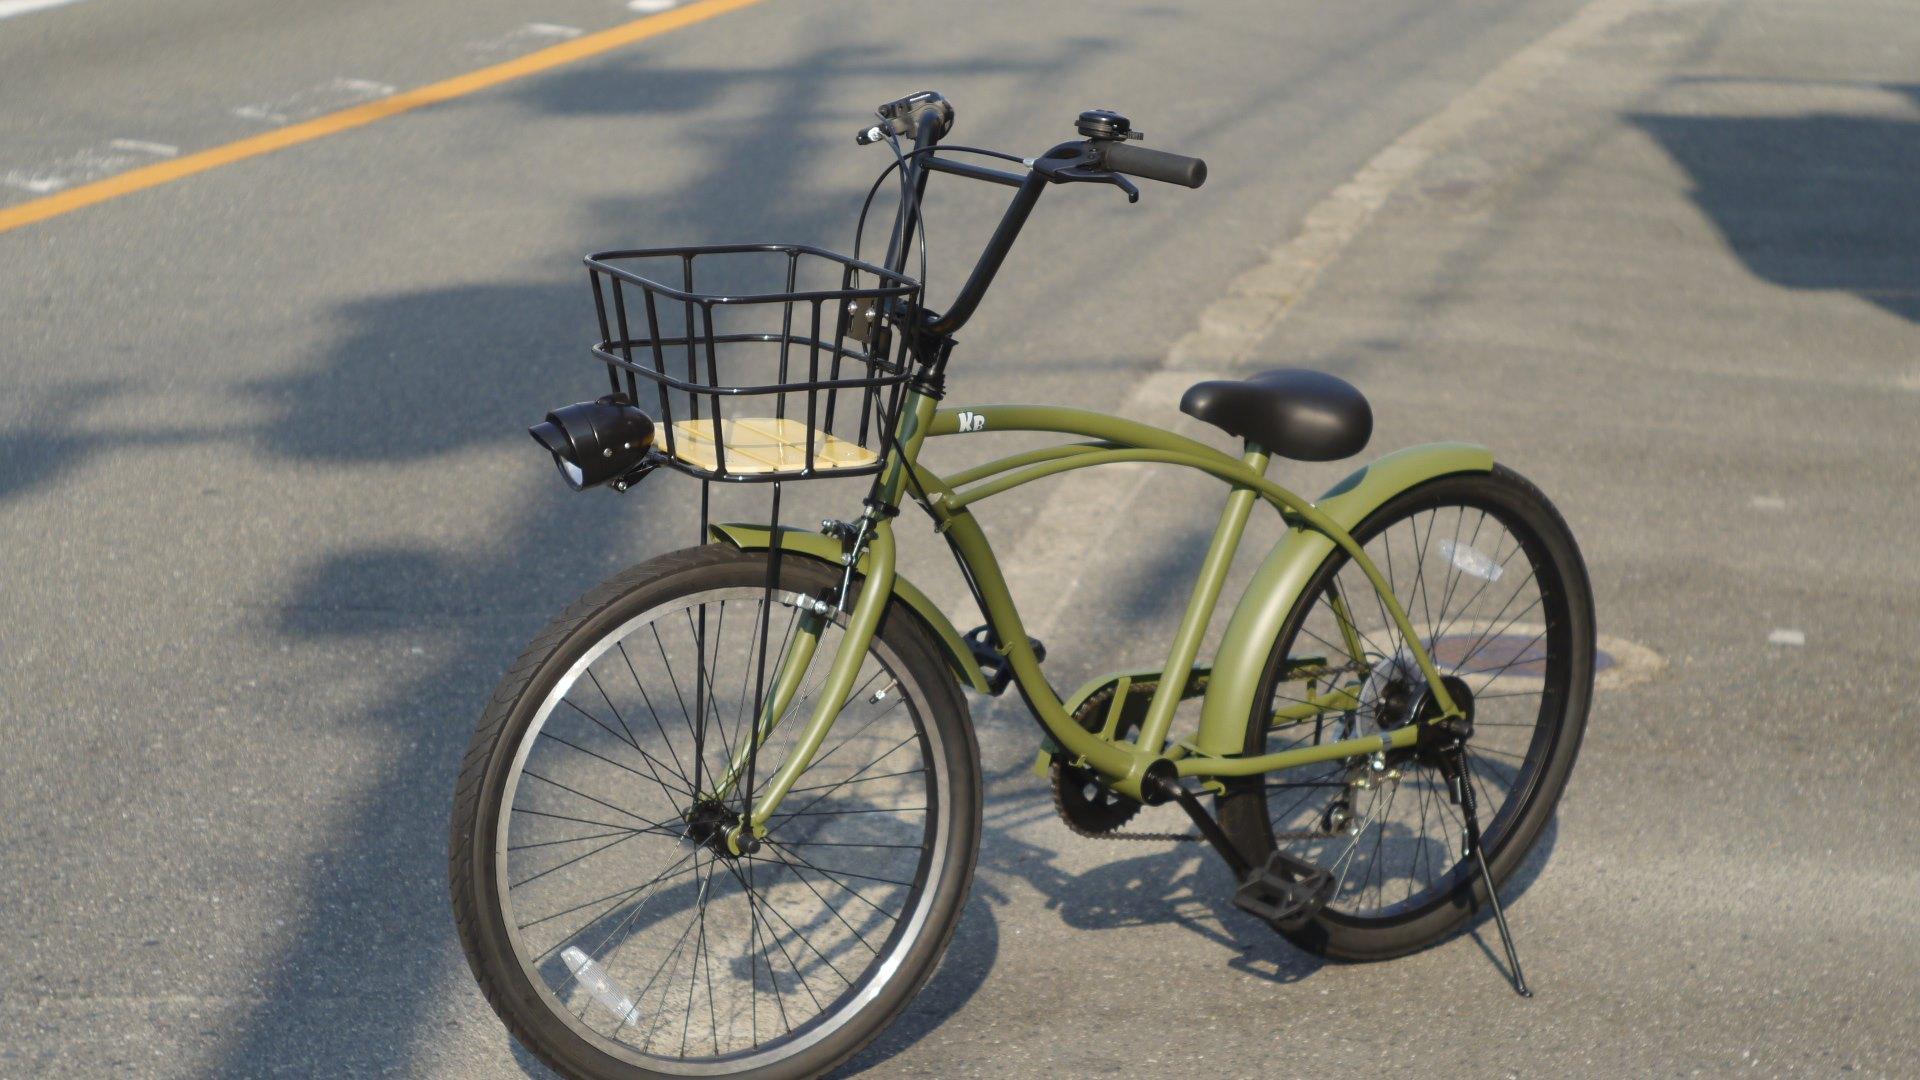 24 インチ 自転車 24インチの自転車の適応身長は?インチだけで選んで大丈夫?